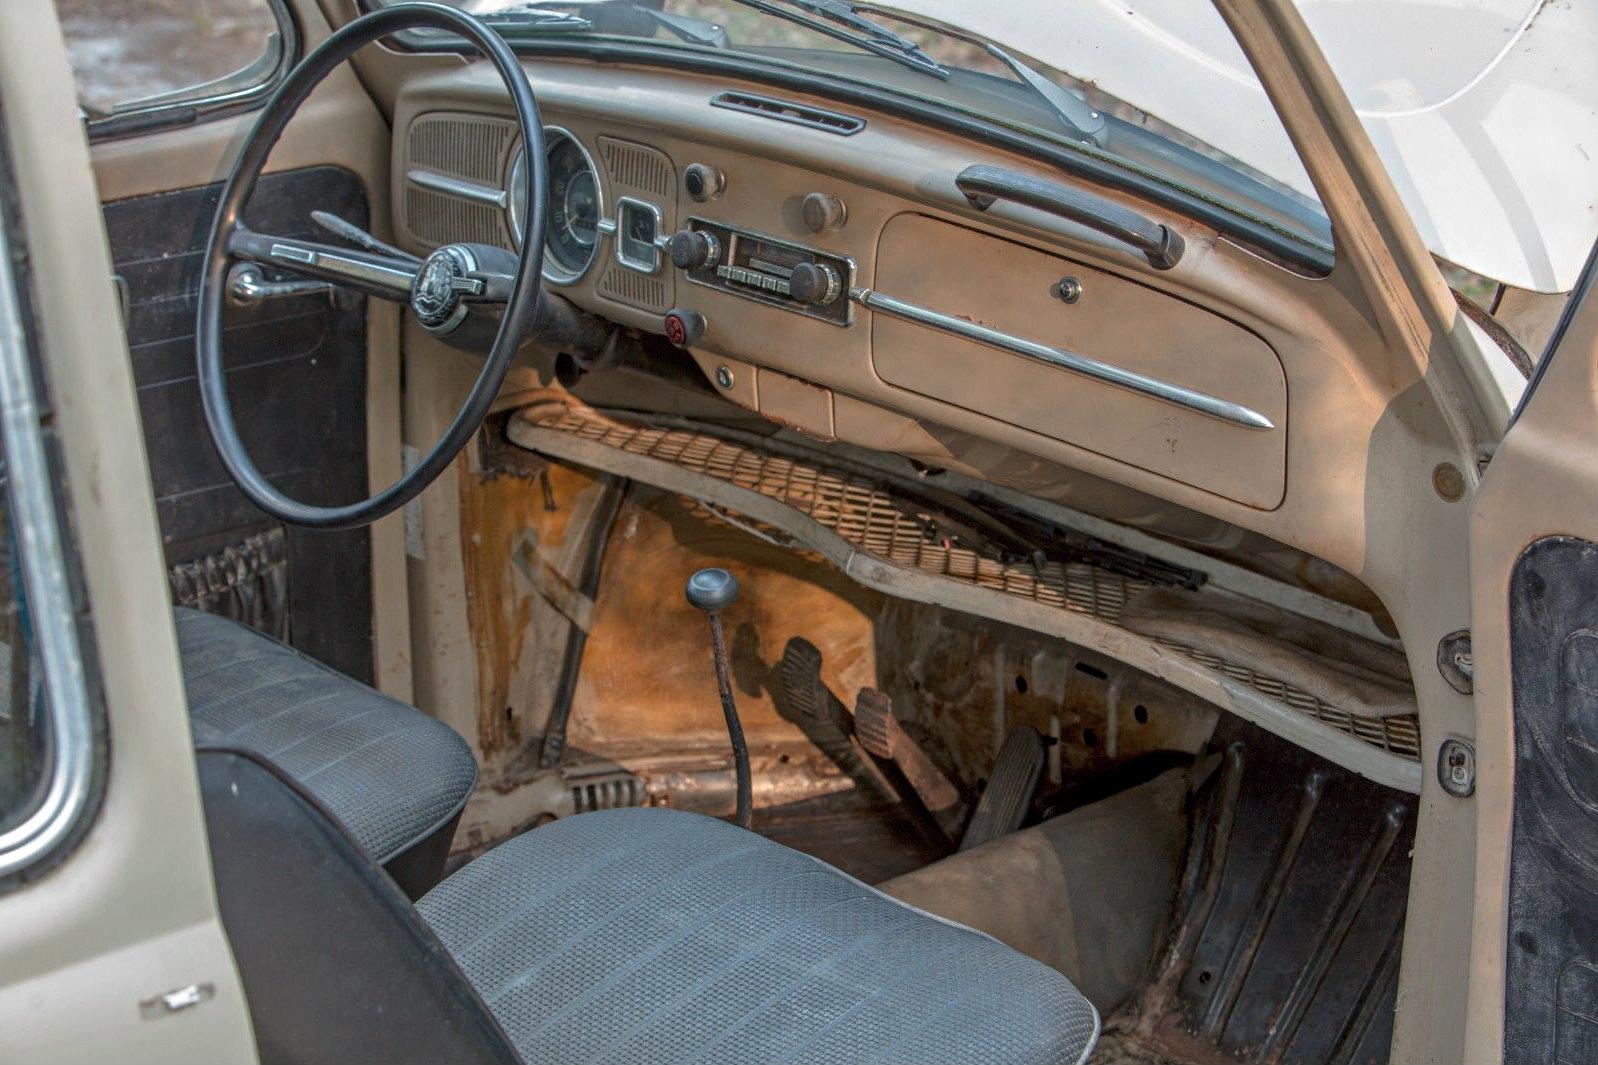 Forgotten Type 1 1967 Volkswagen Beetle